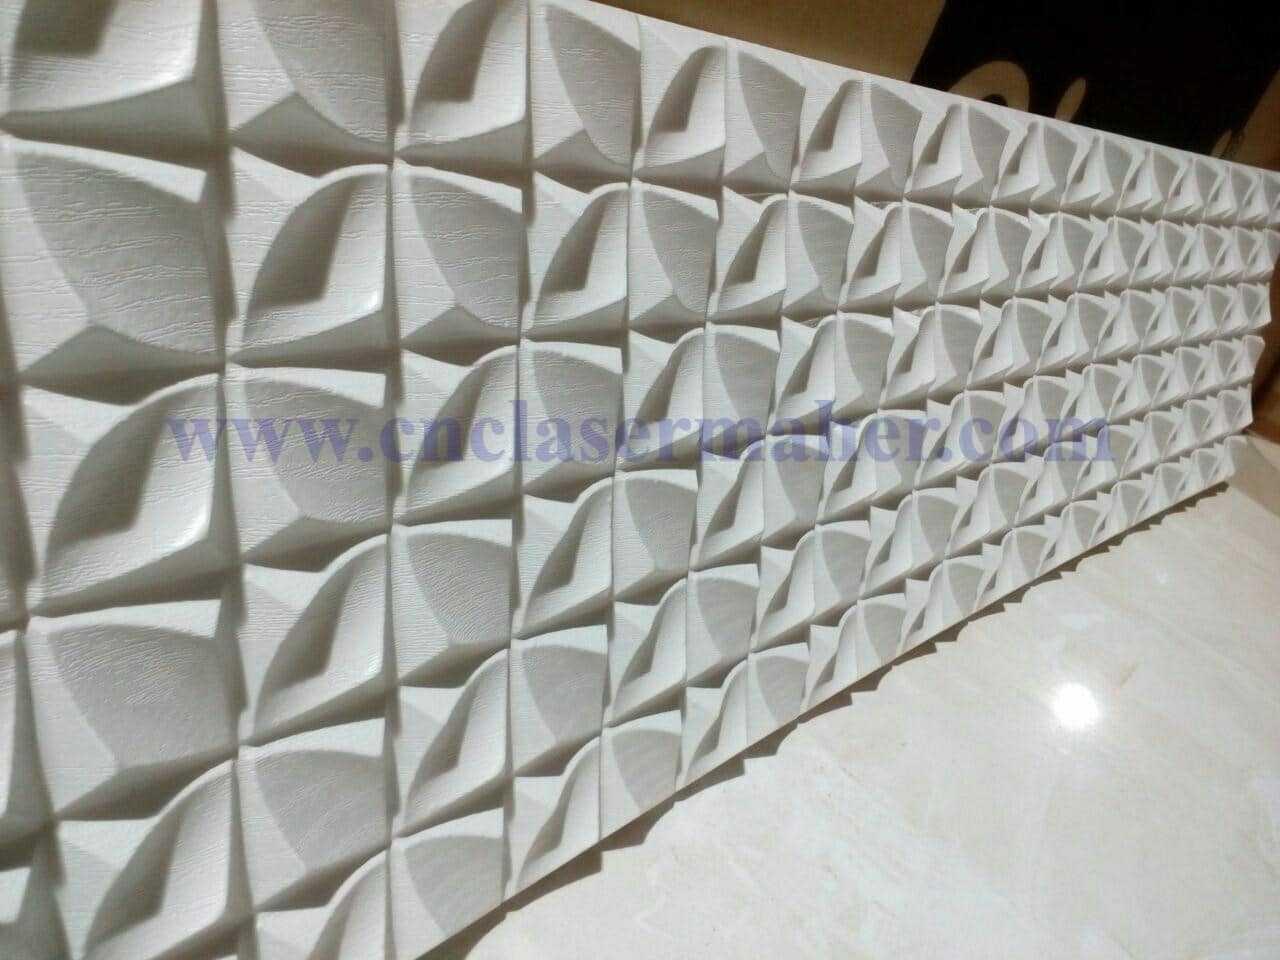 آموزش طراحی طرح هلال سی ان سی در آرتکم از نمای بغل